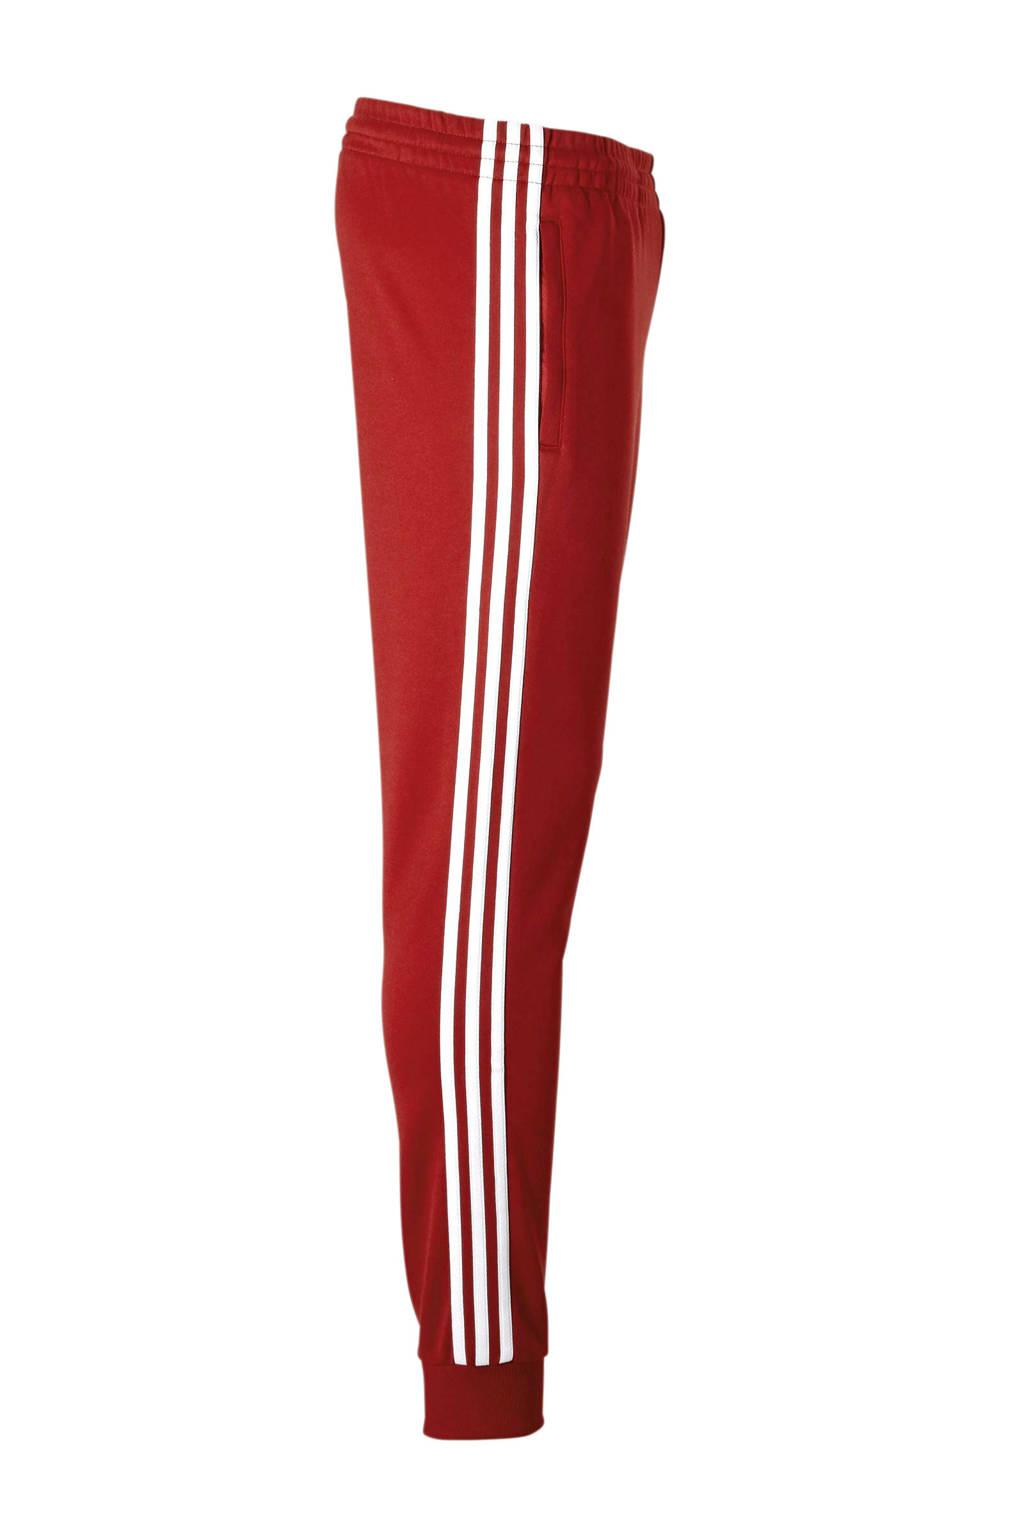 d43690d3da0 adidas originals trainingsbroek rood | wehkamp